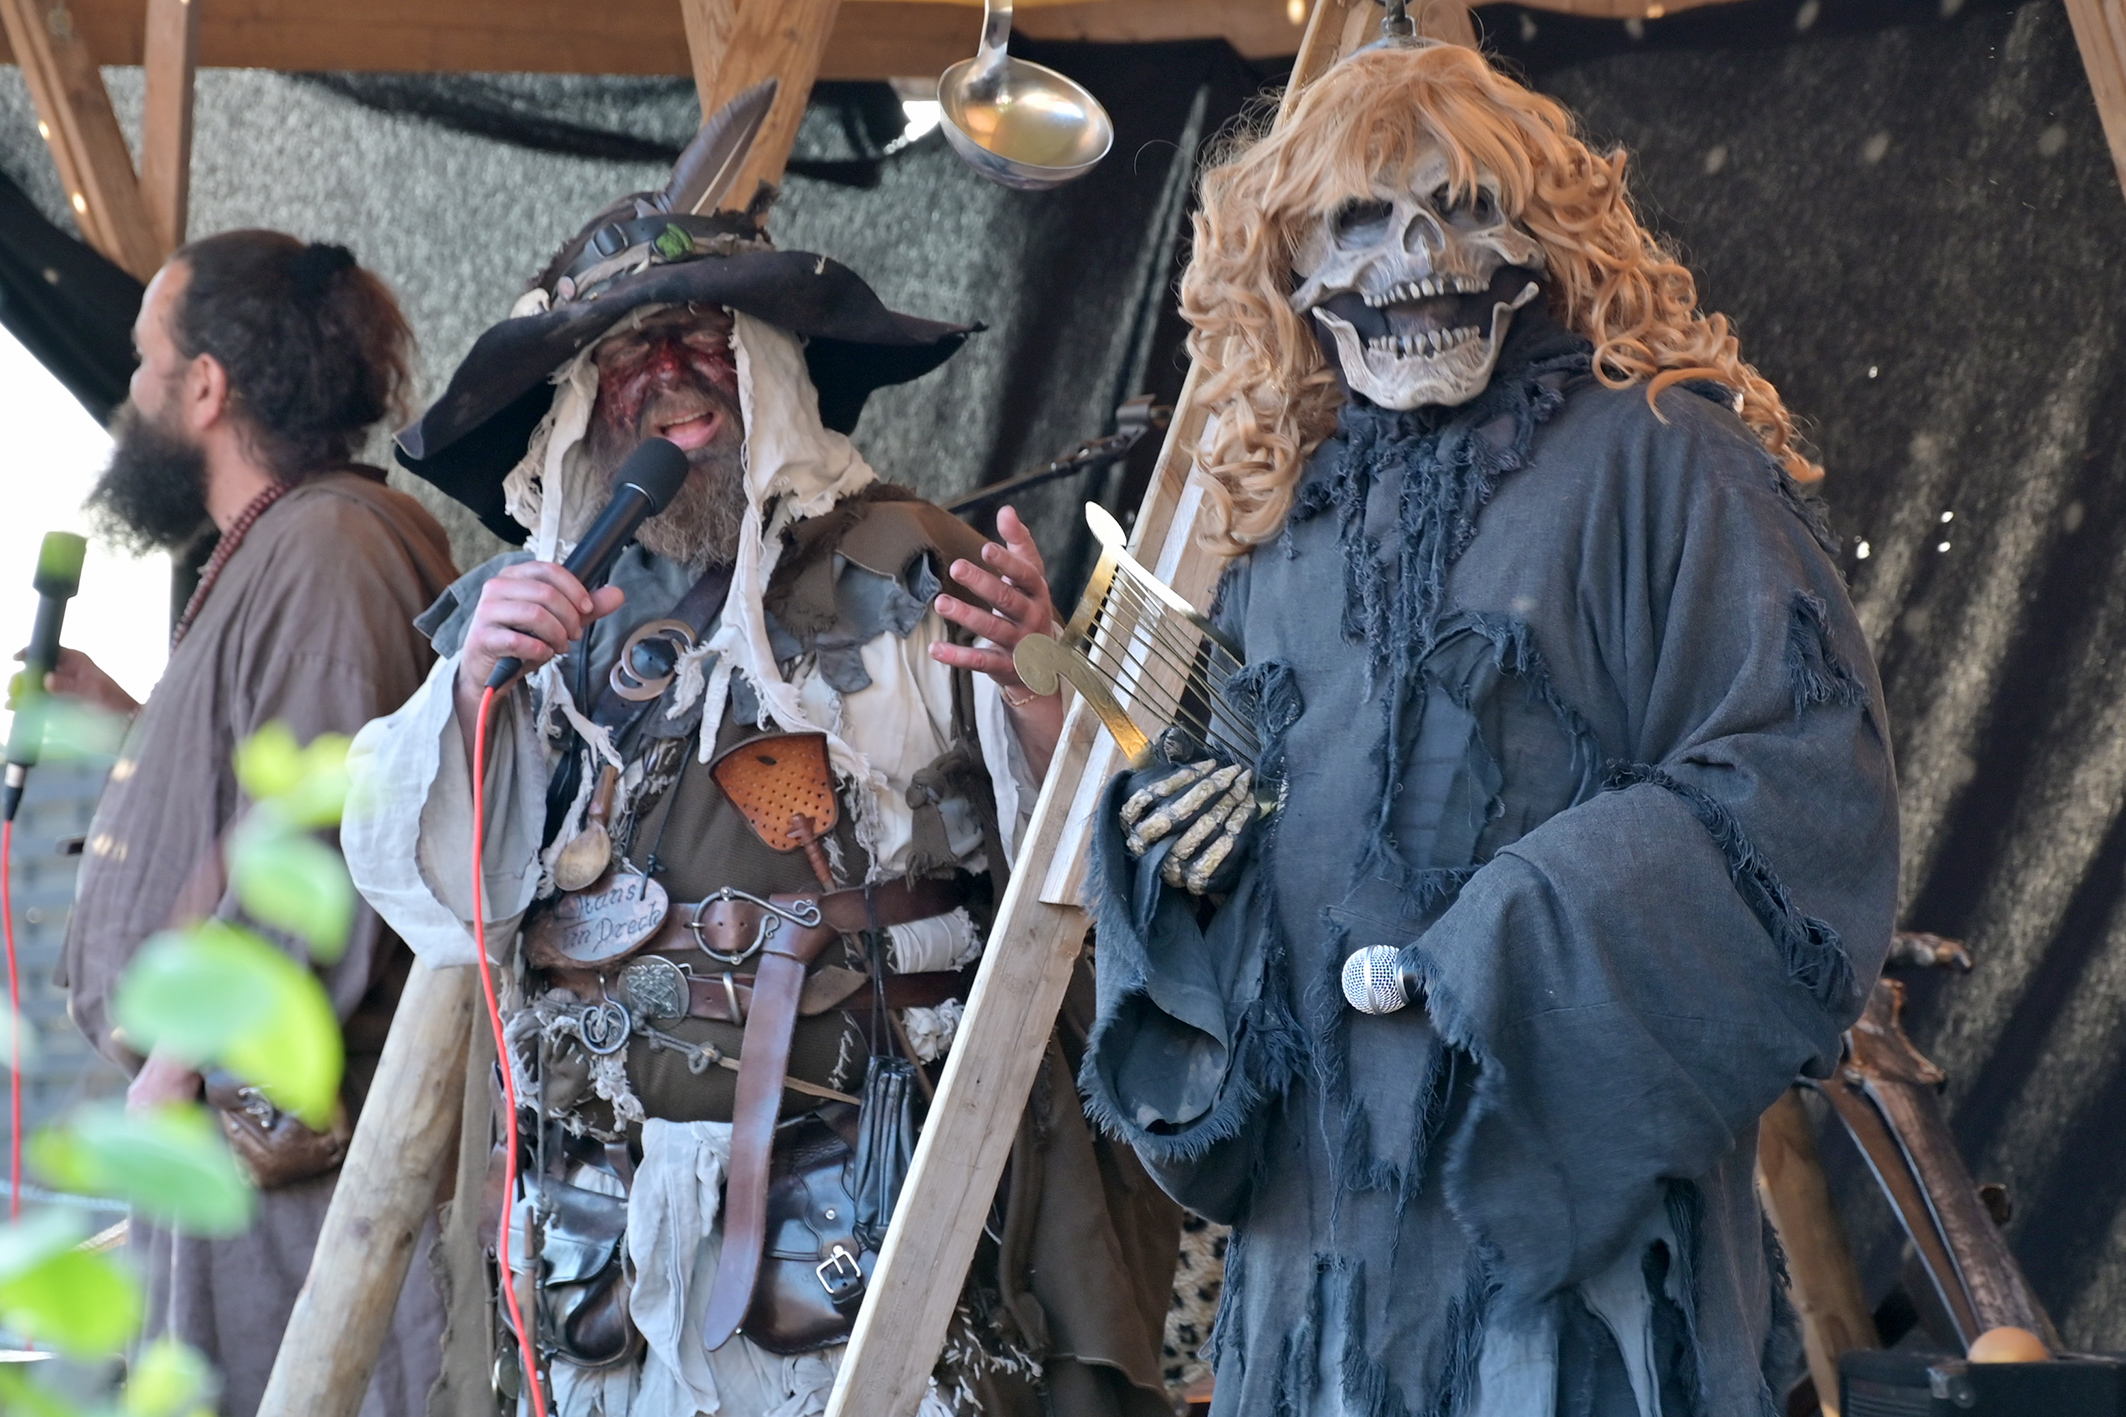 Hutkonzert, Schaurige Masken, Kunst, Kultur